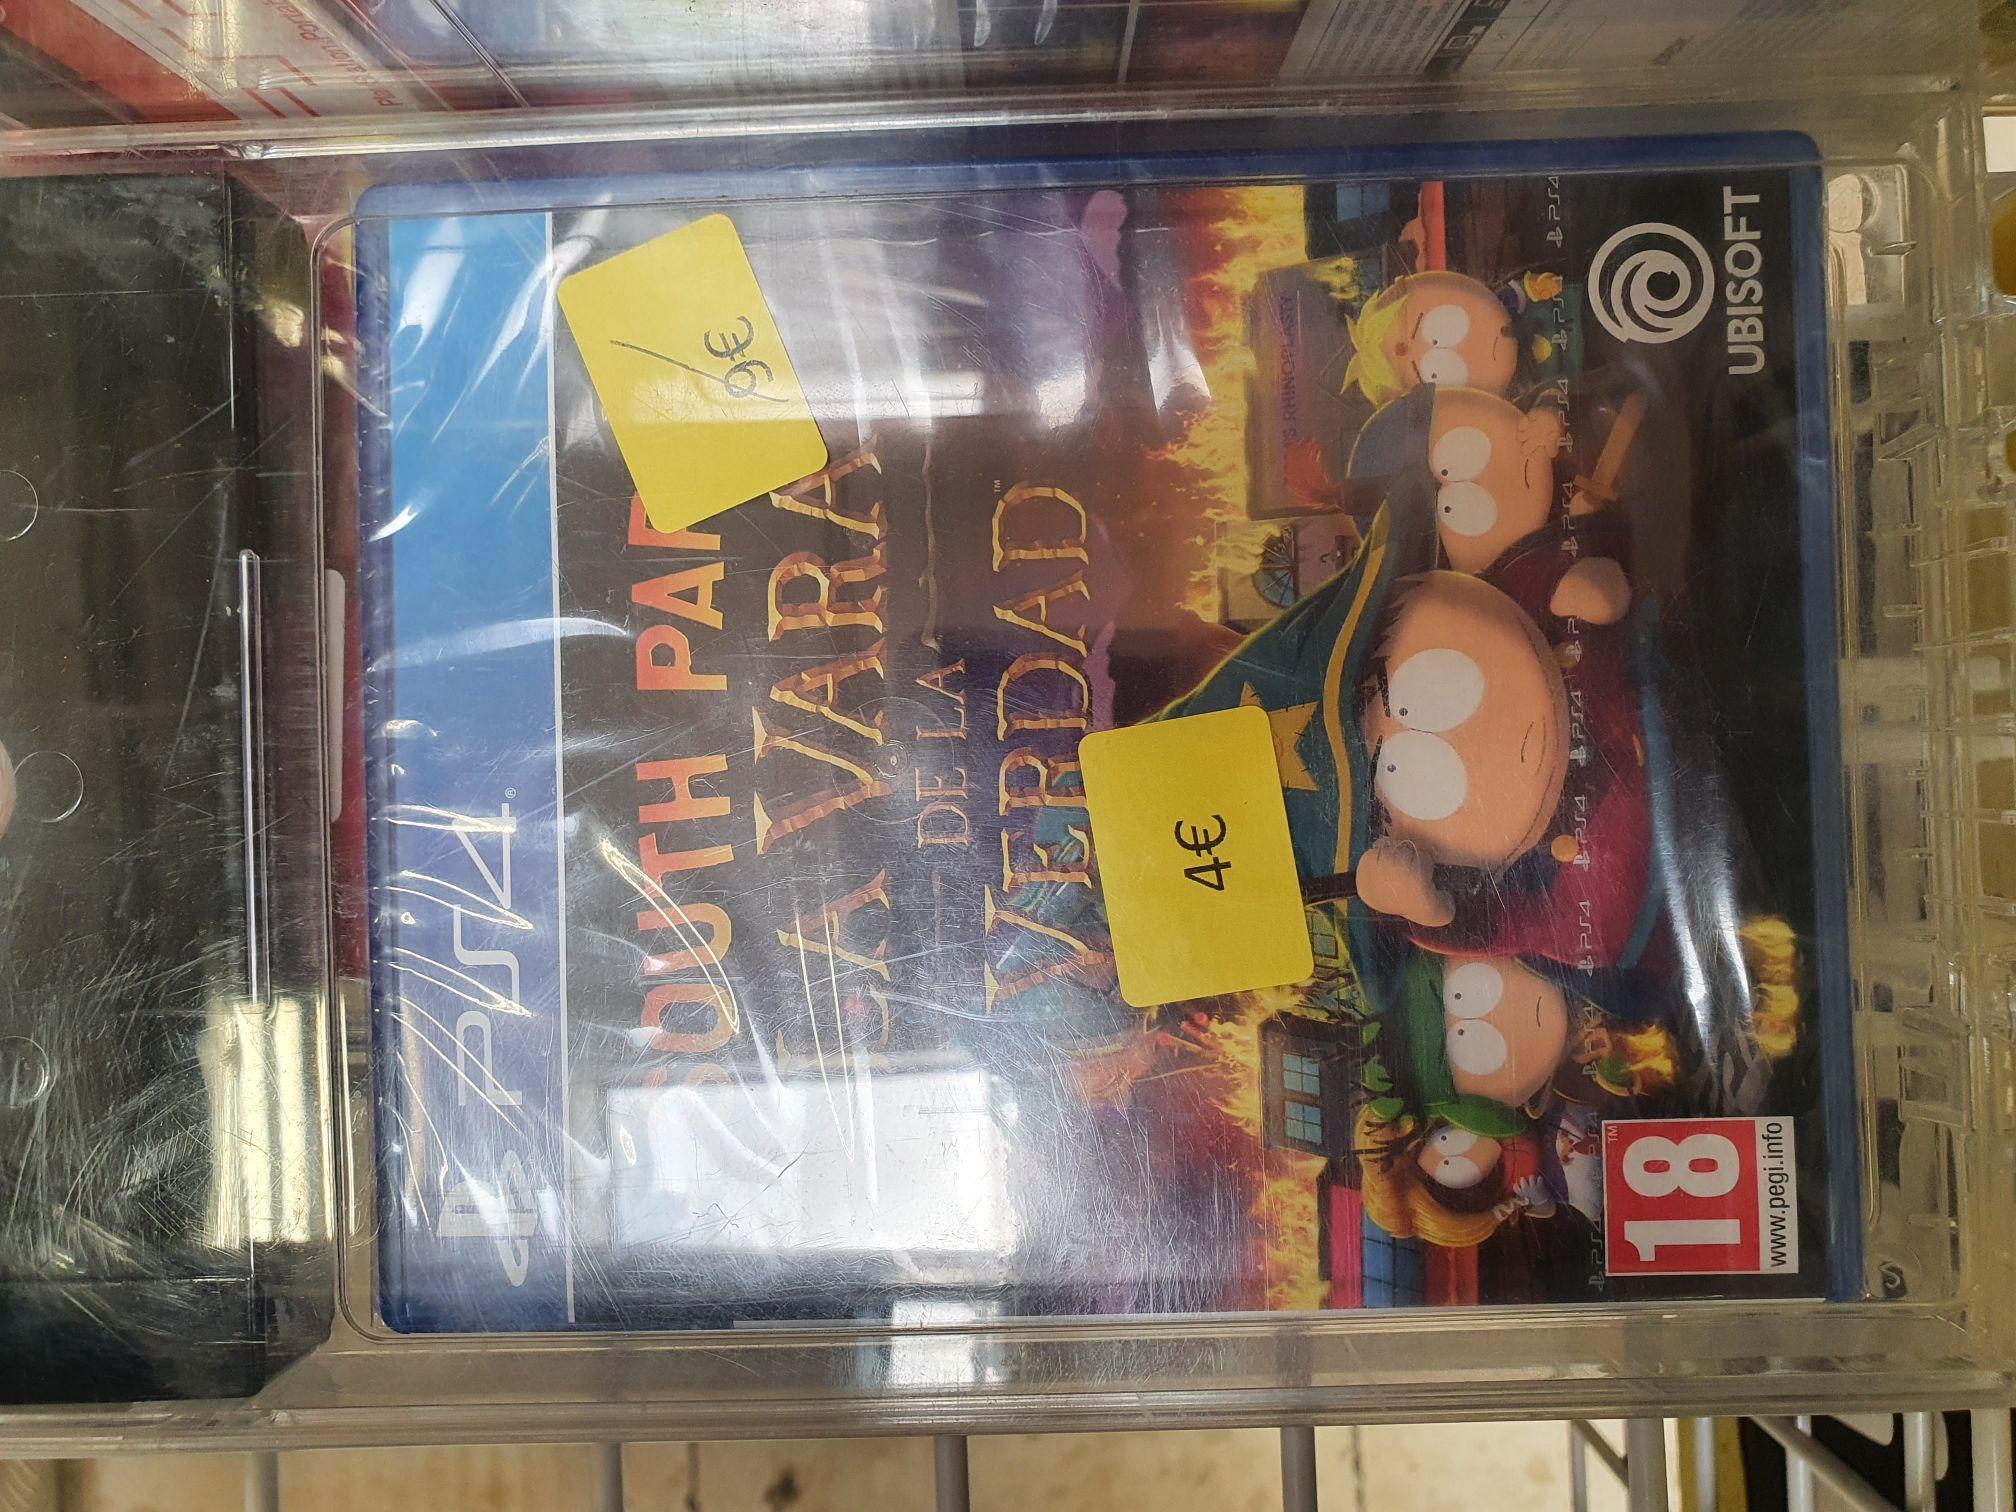 South Park: La vara de la verdad, PS4 - Carefour San Juan, Alicante